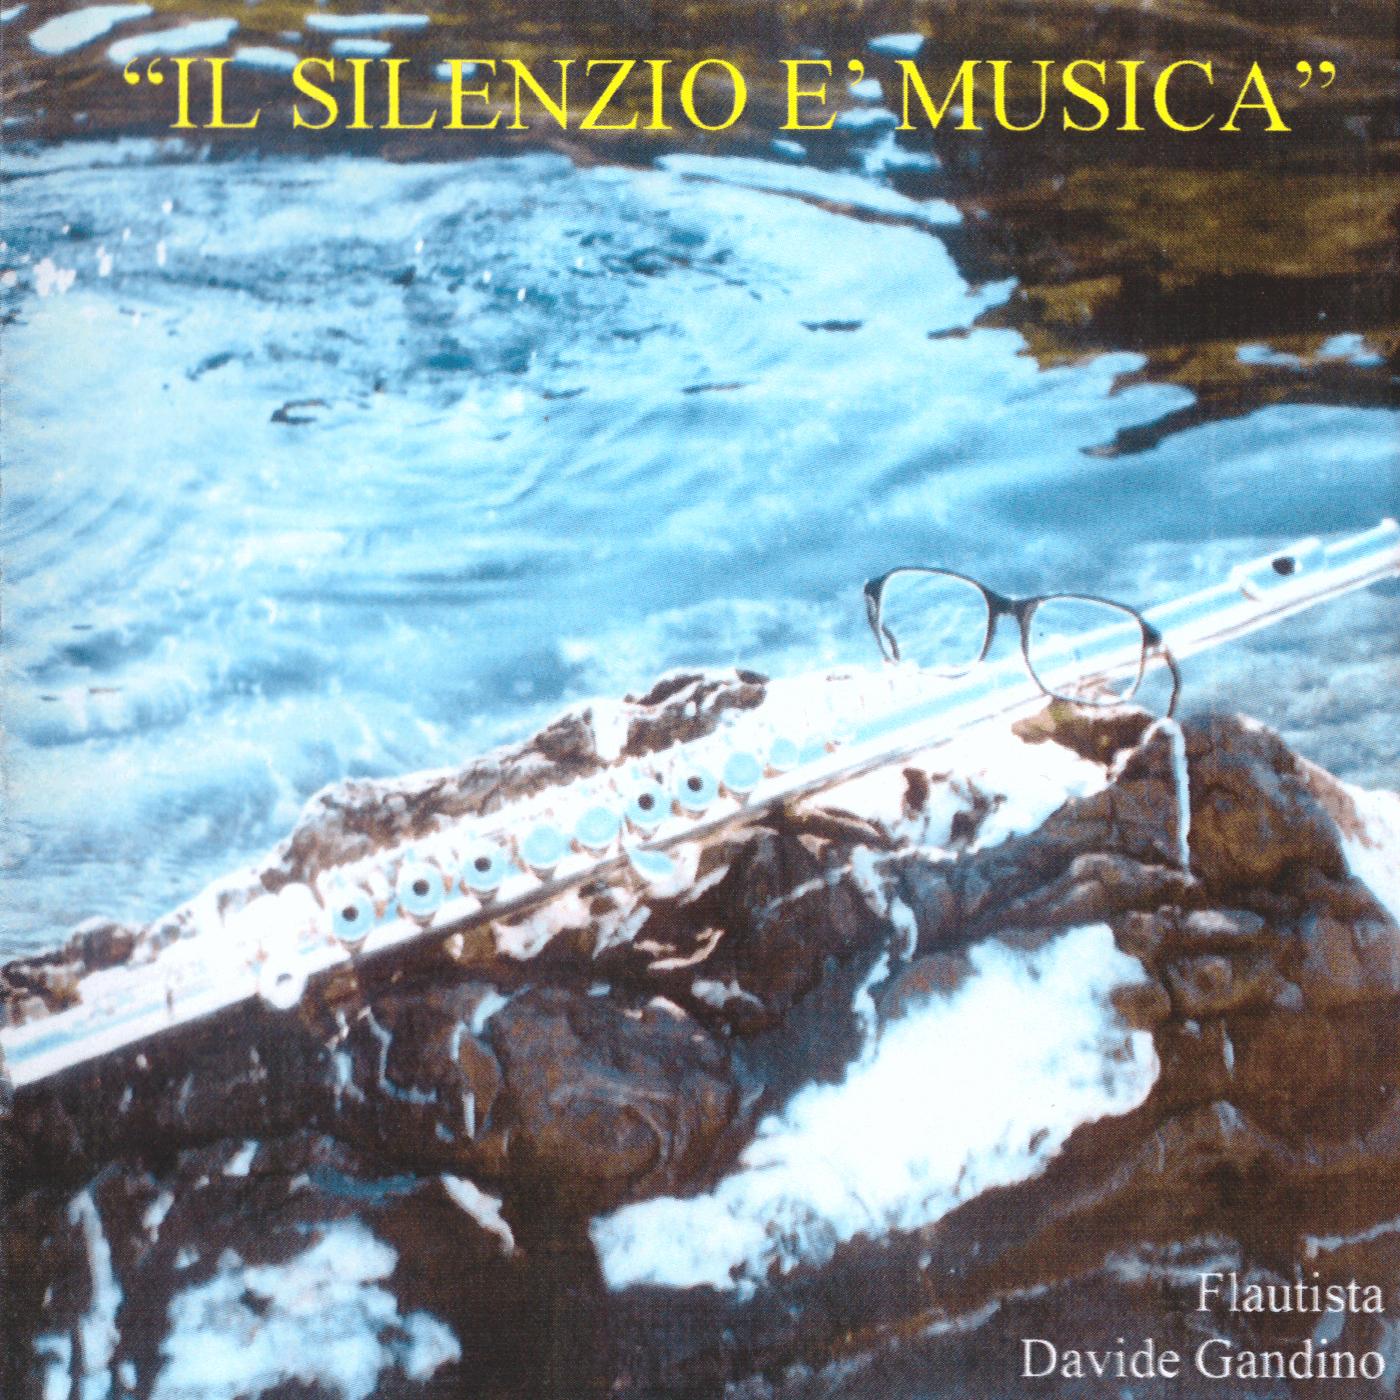 Il silenzio è musica (cover)